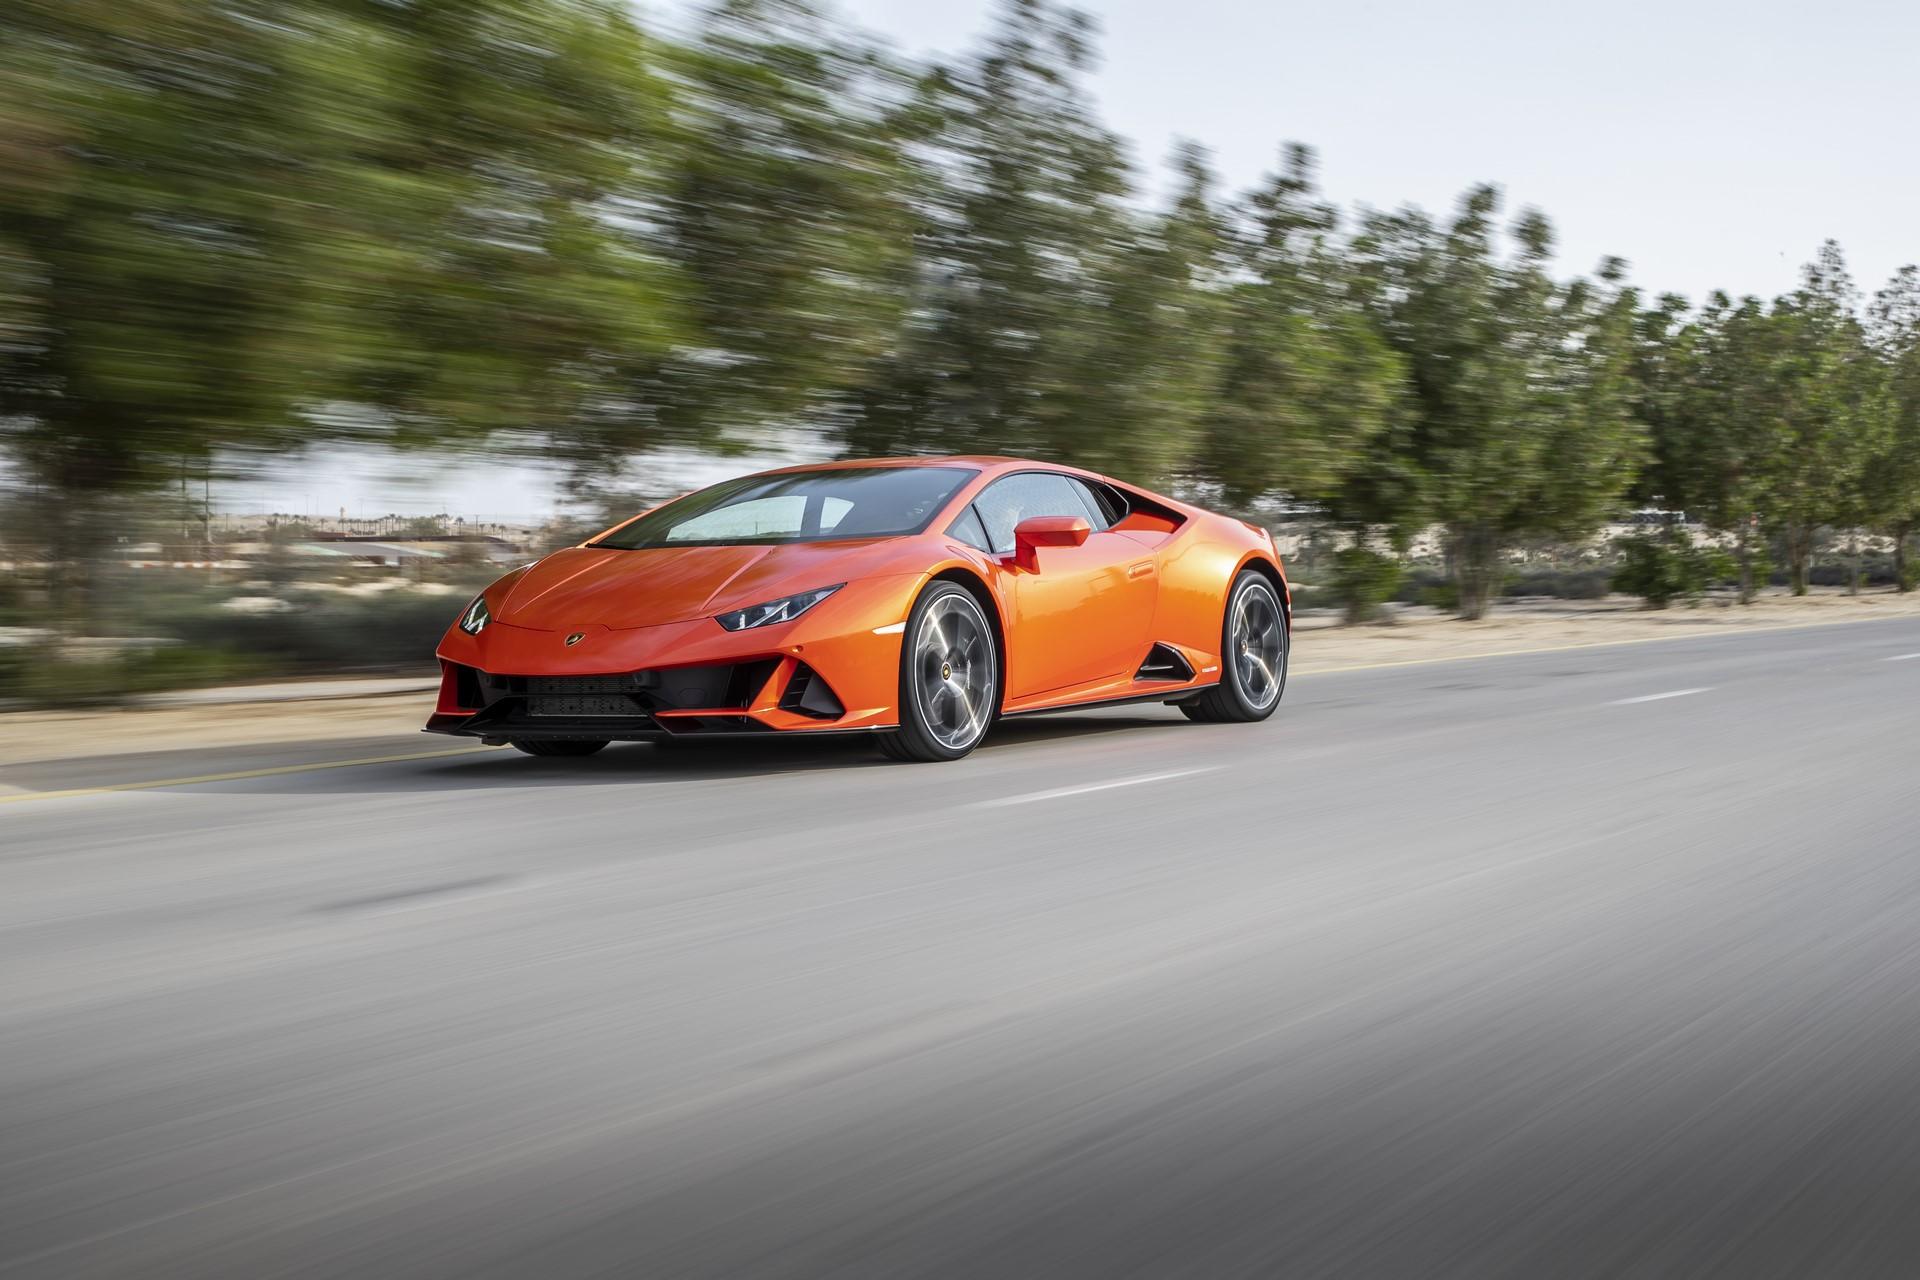 Lamborghini Huracan Evo 2019 (7)